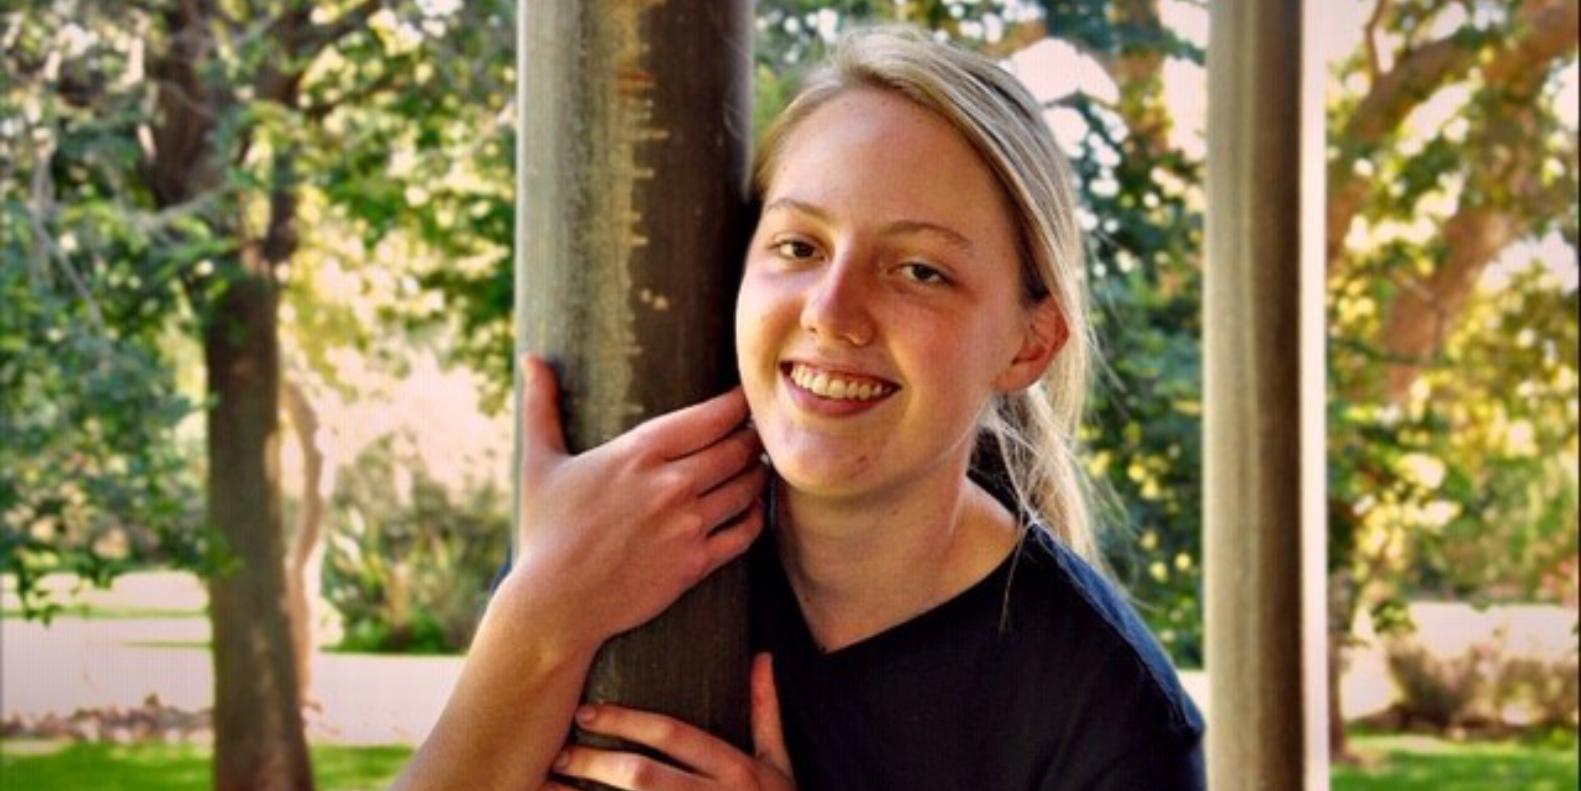 Naomi Joosten